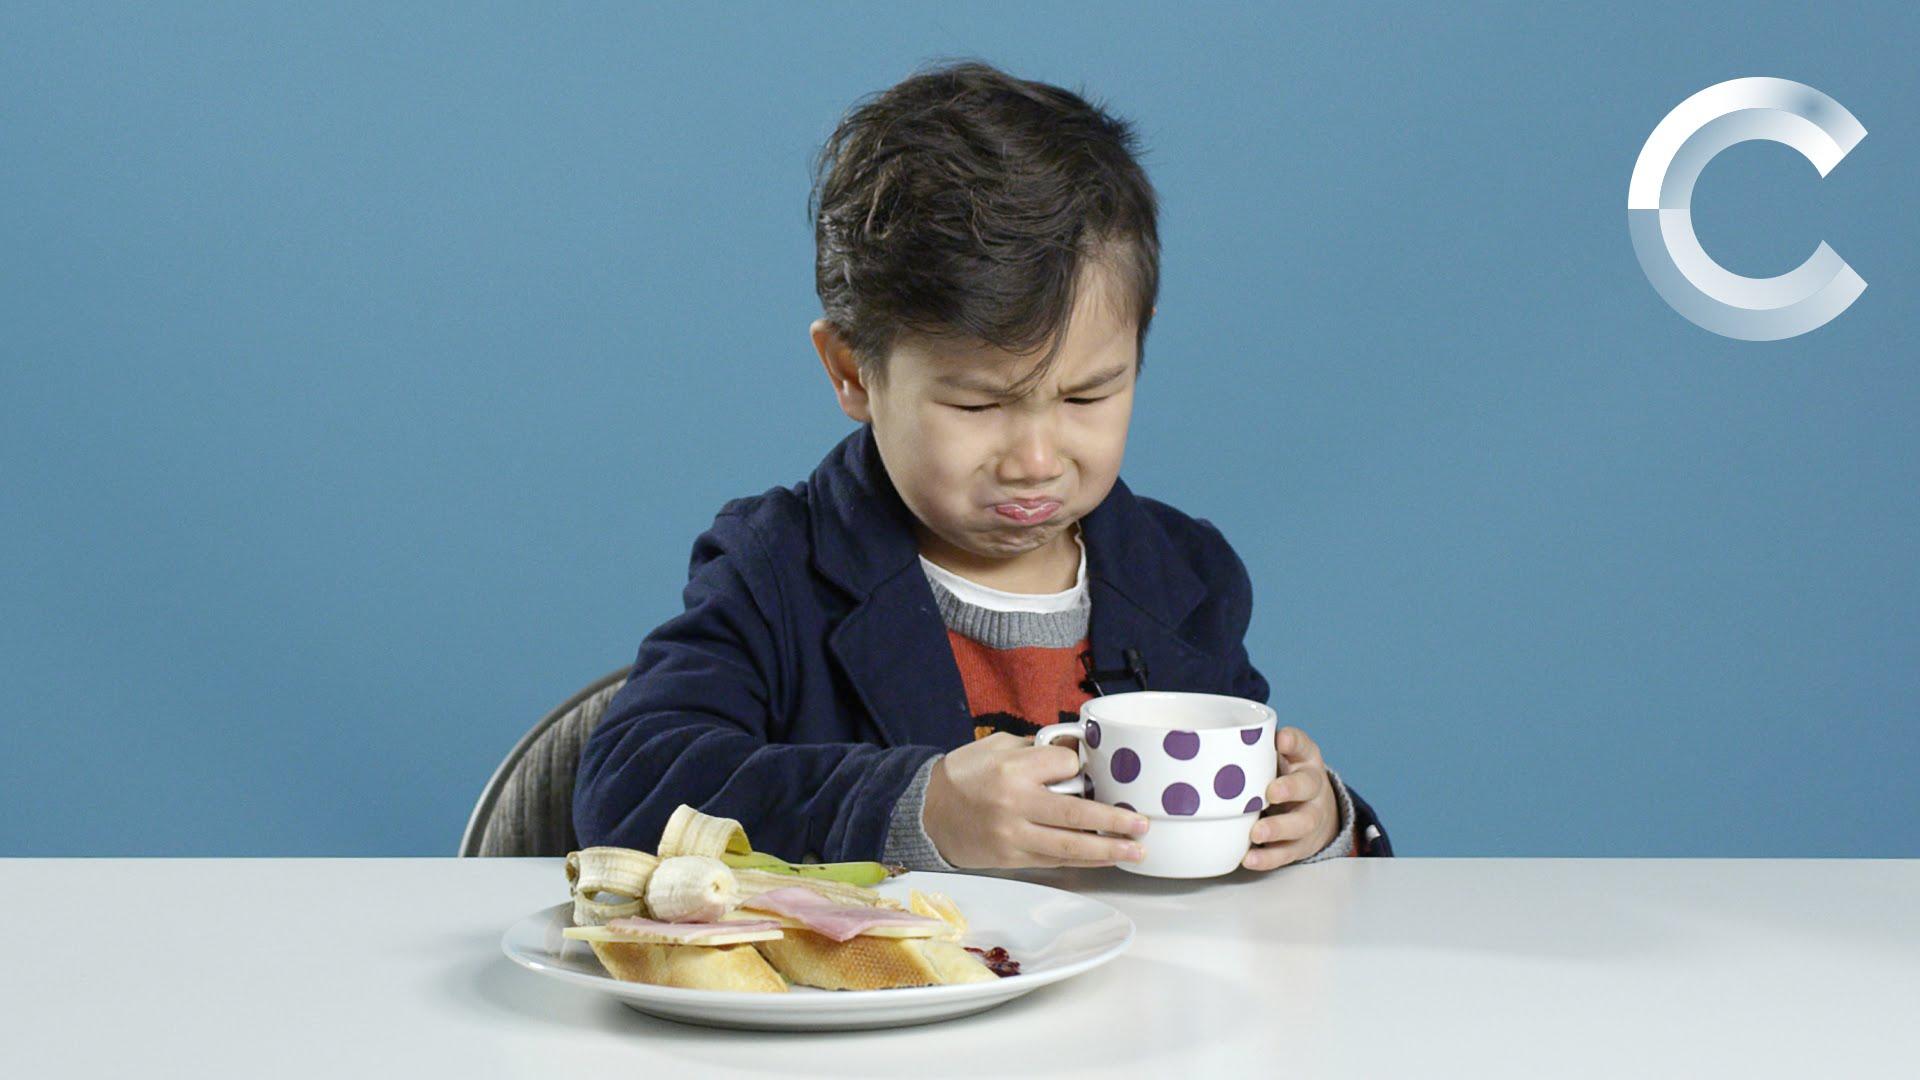 小朋友試吃各國早餐--天啊!碗裡有死魚?!